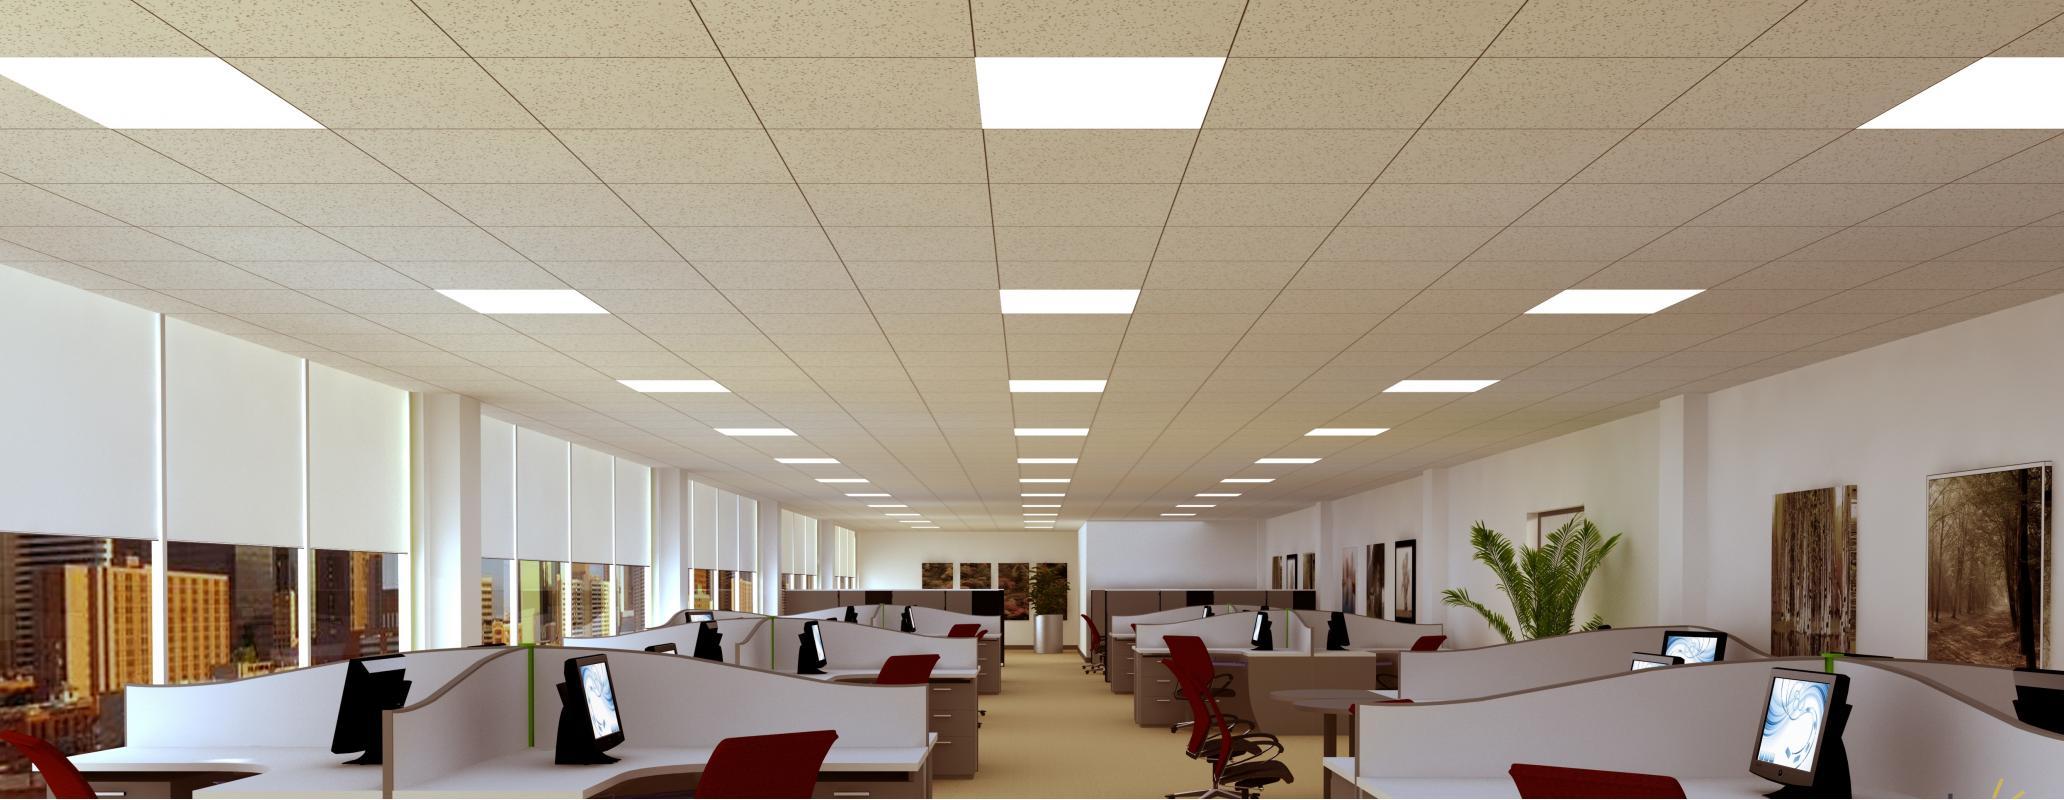 Светодиодные панели и LED споты